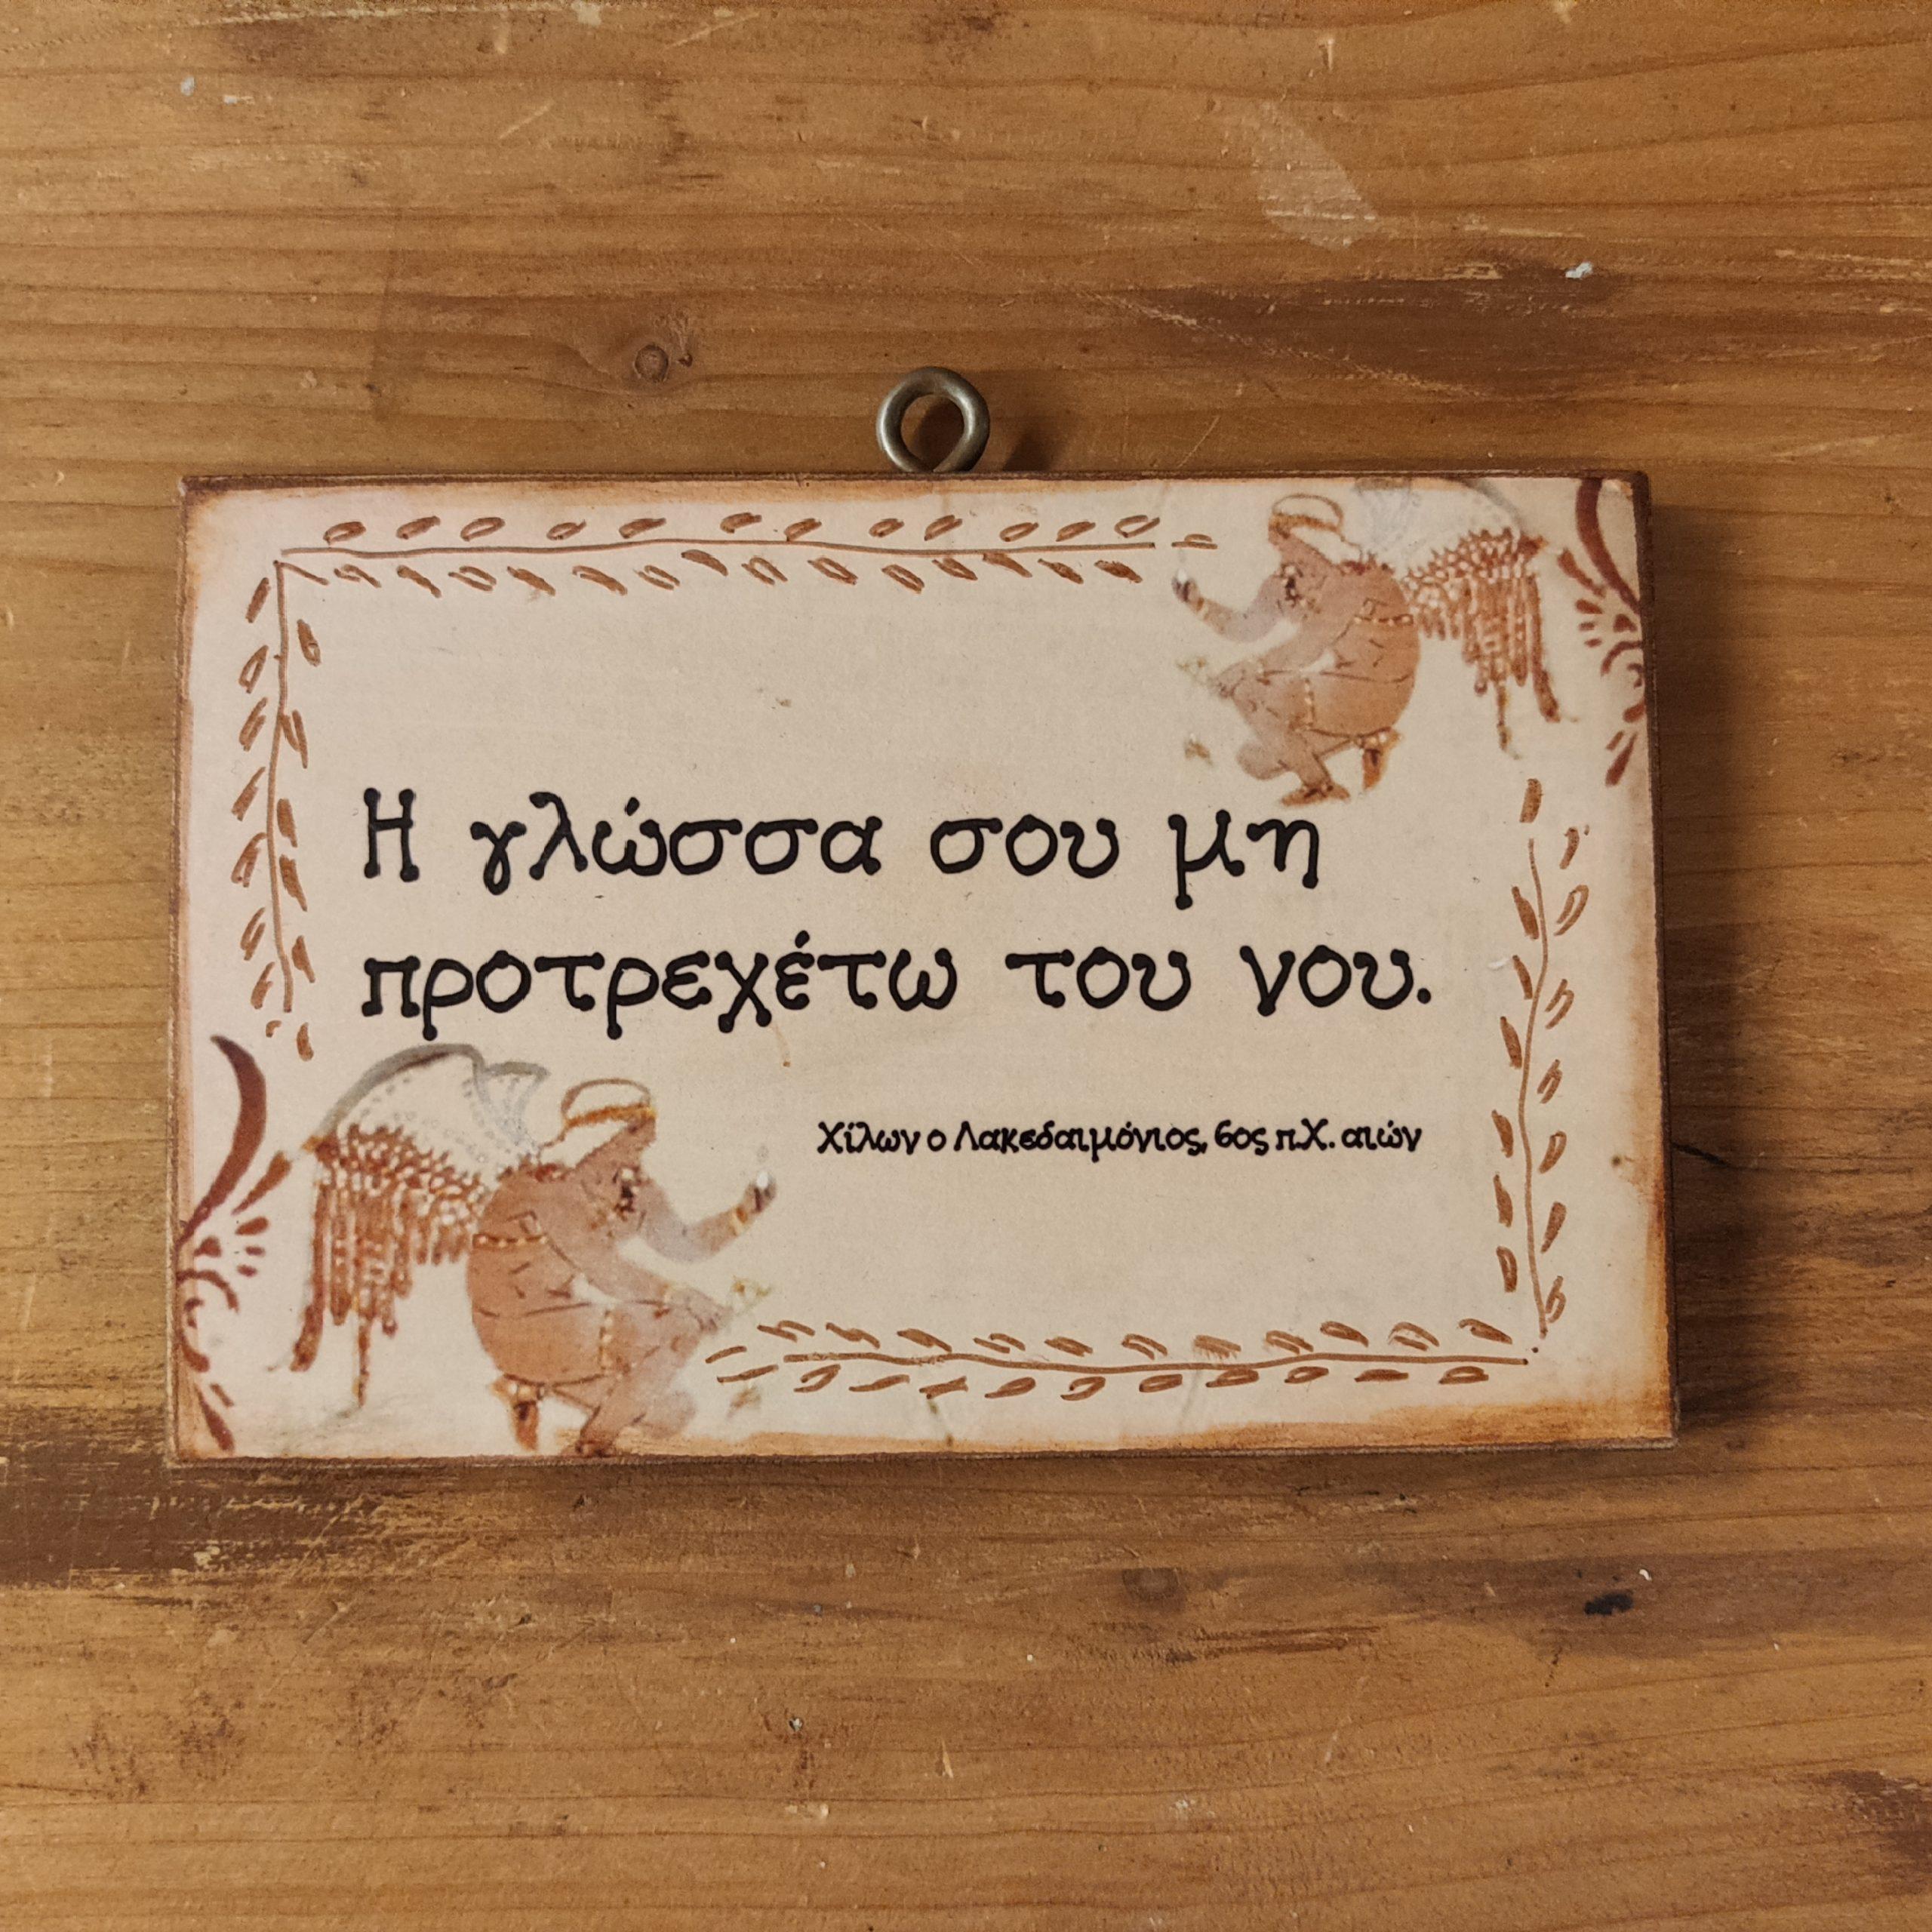 Ξύλινη πινακίδα – Η γλώσσα σου…